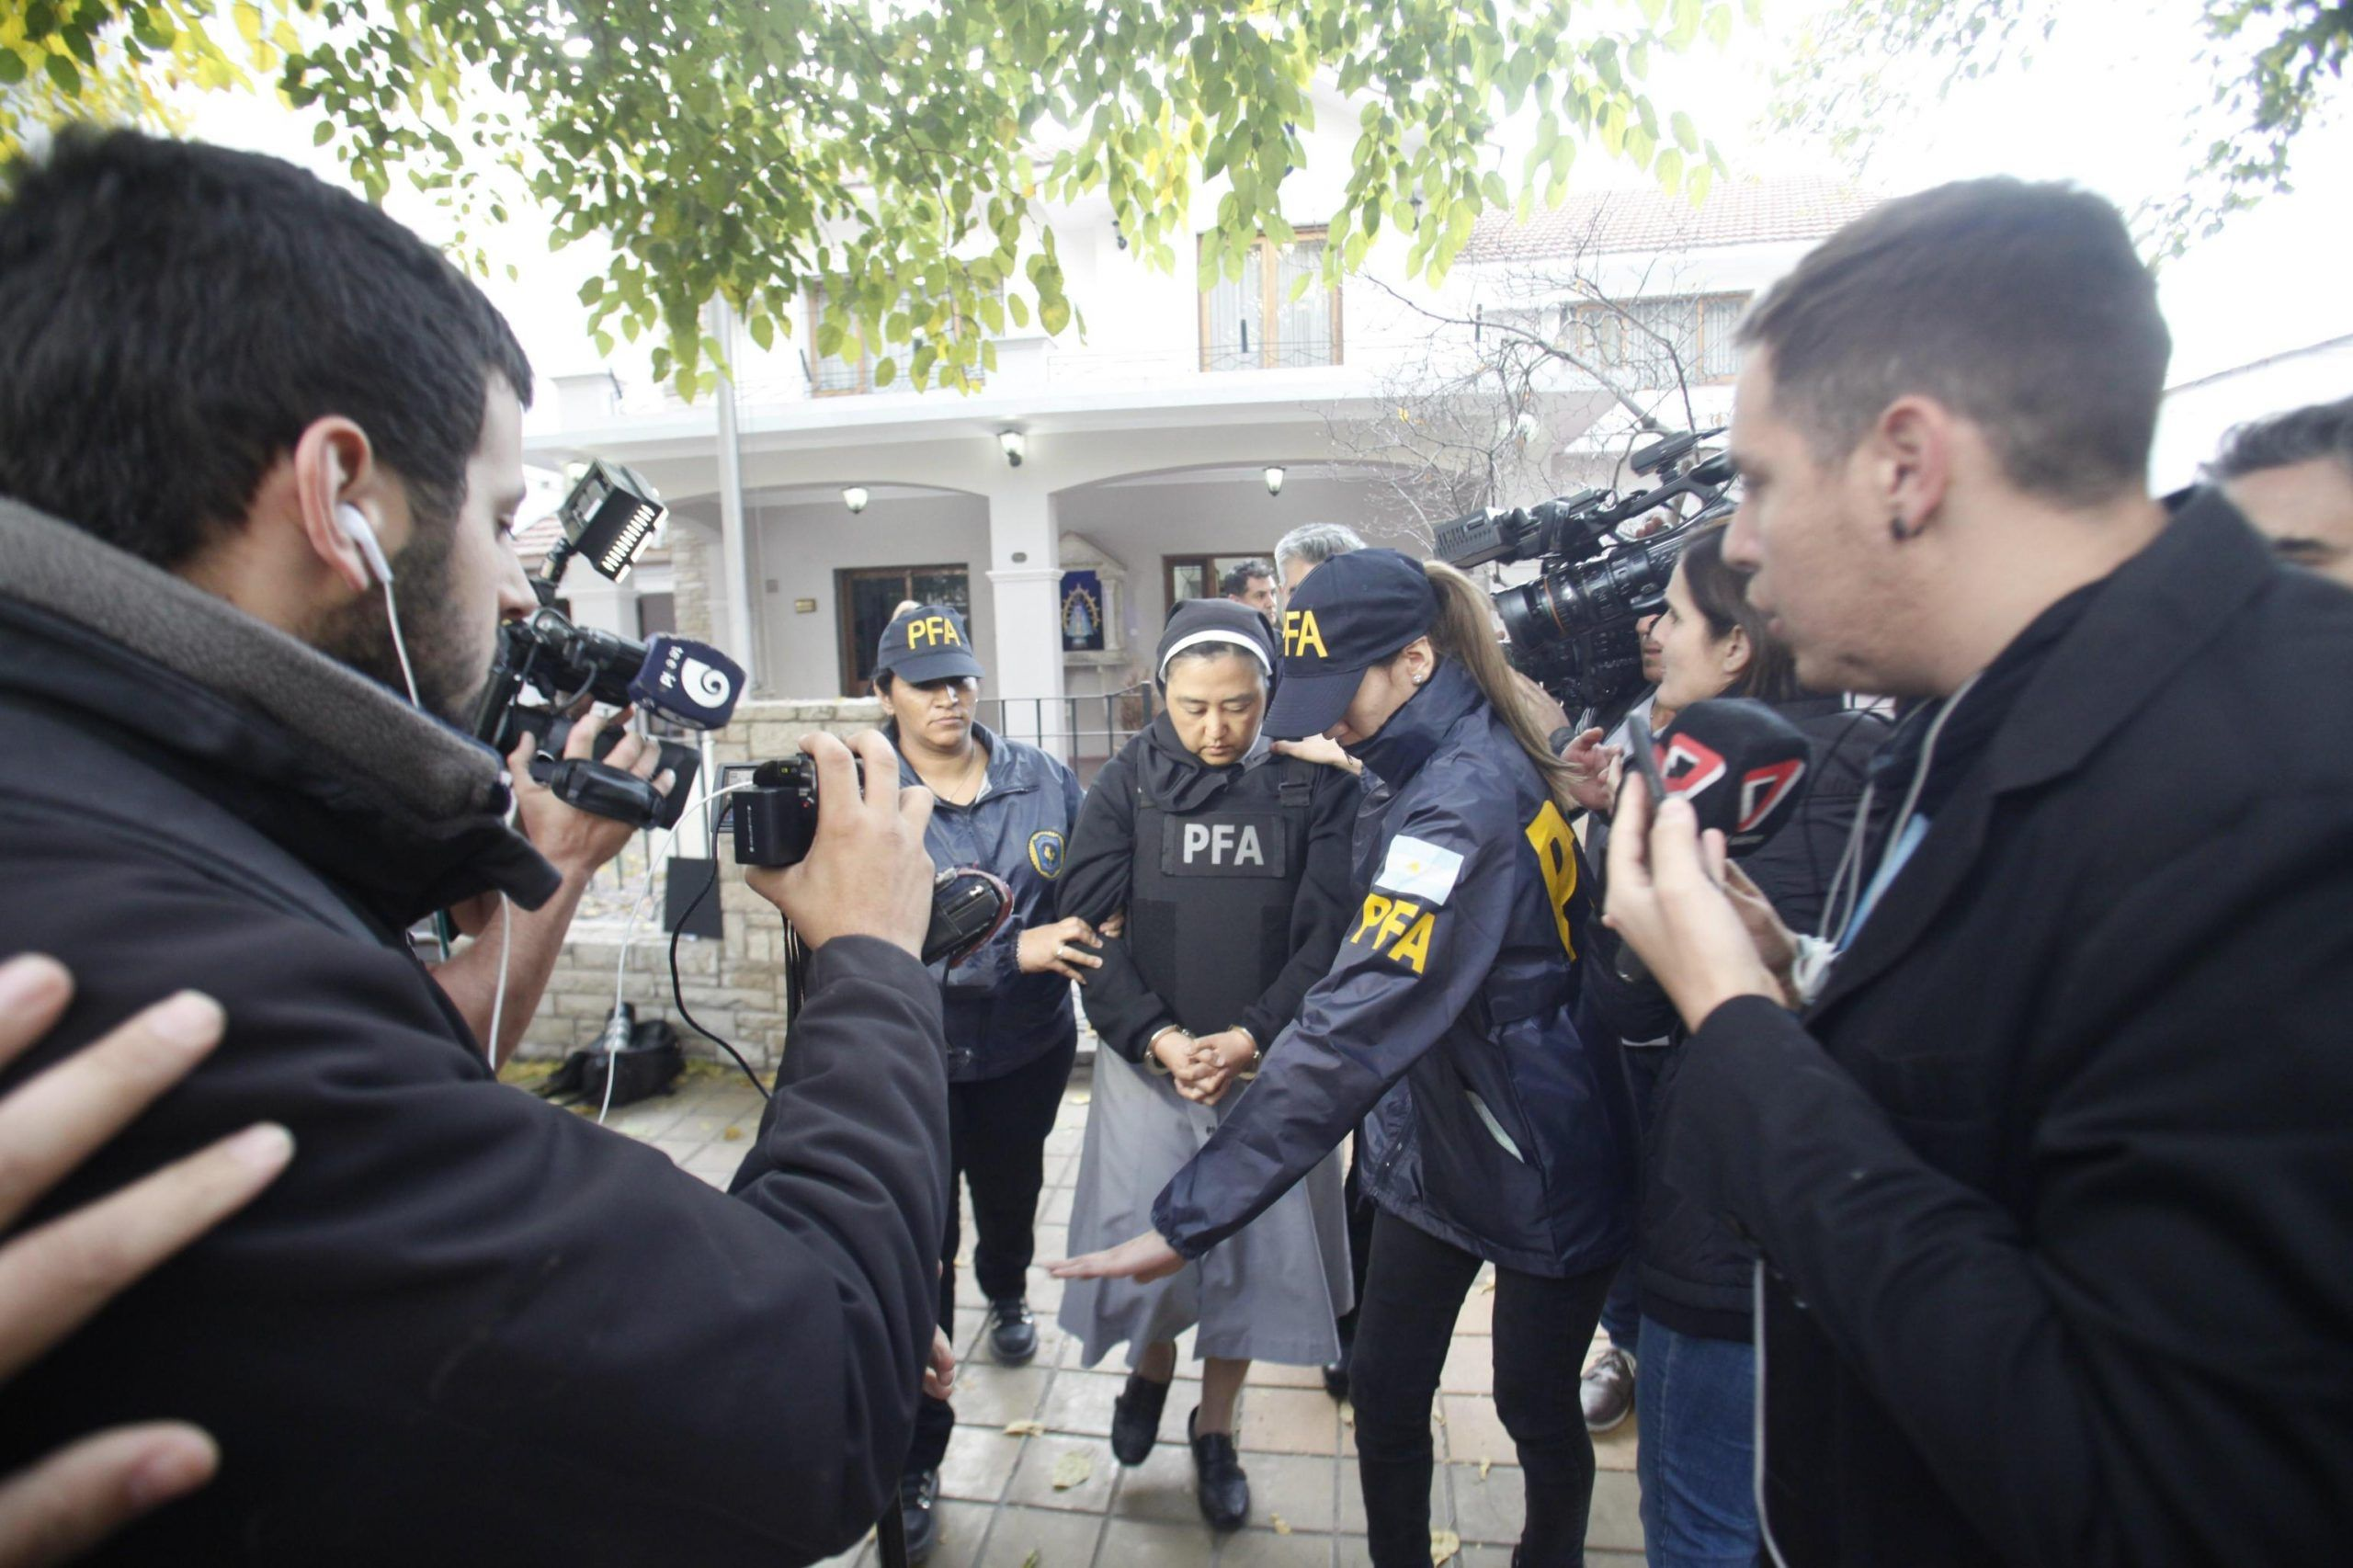 suora arrestata per scandalo pedofilia in Argentina